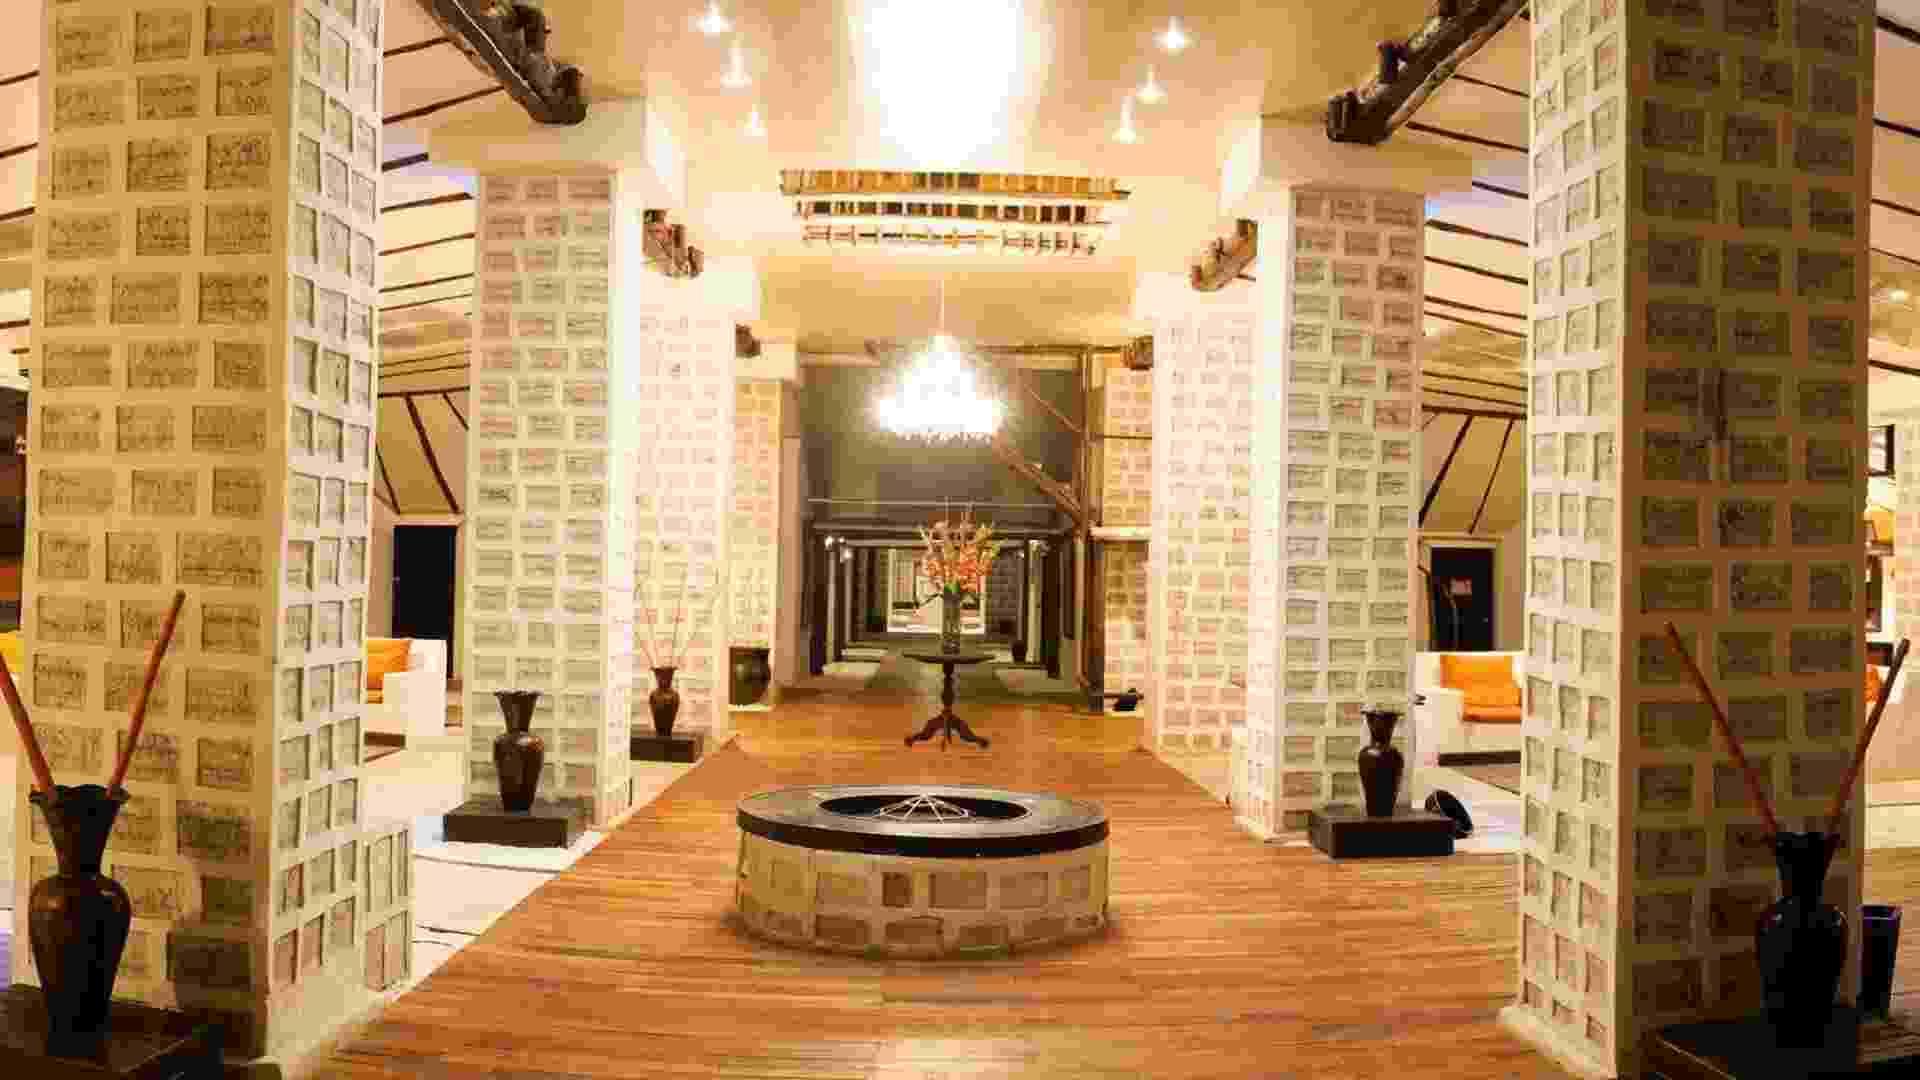 Áreas comuns são bem decoradas e revelam algumas das particularidades do hotel - Divulgação